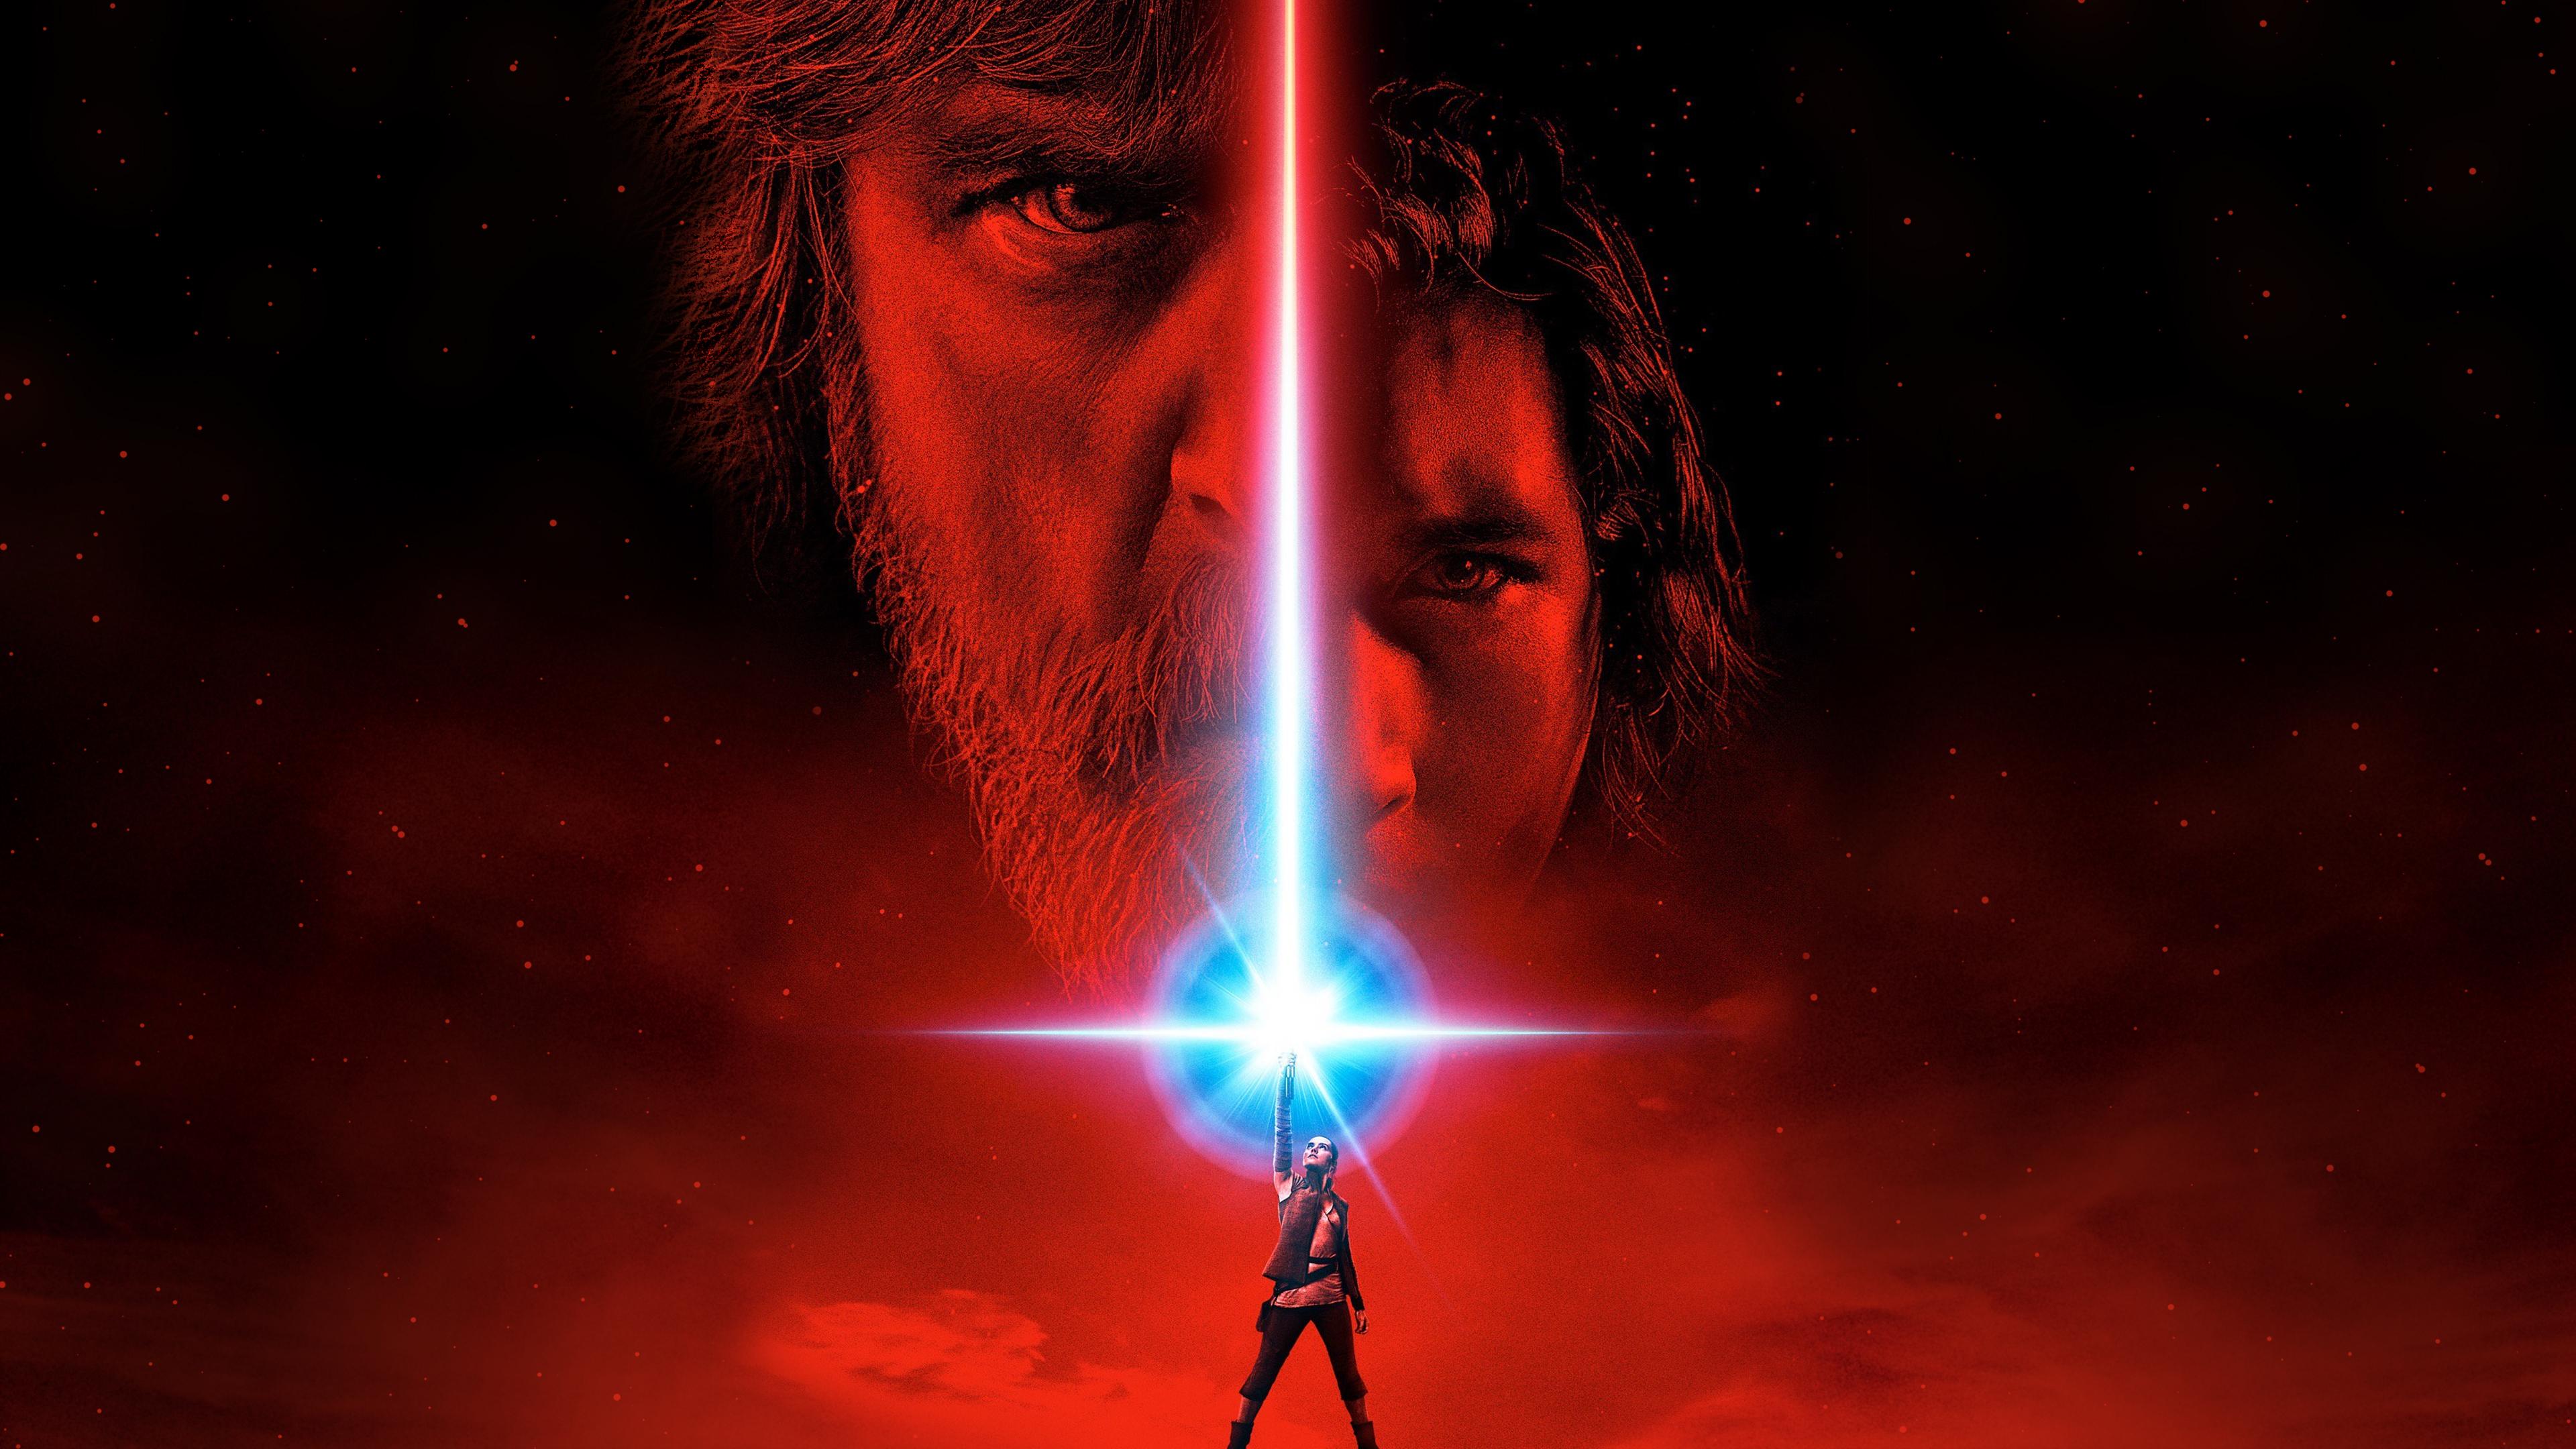 star-wars-the-last-jedi-3840x2160-2017-4k-7275.jpg